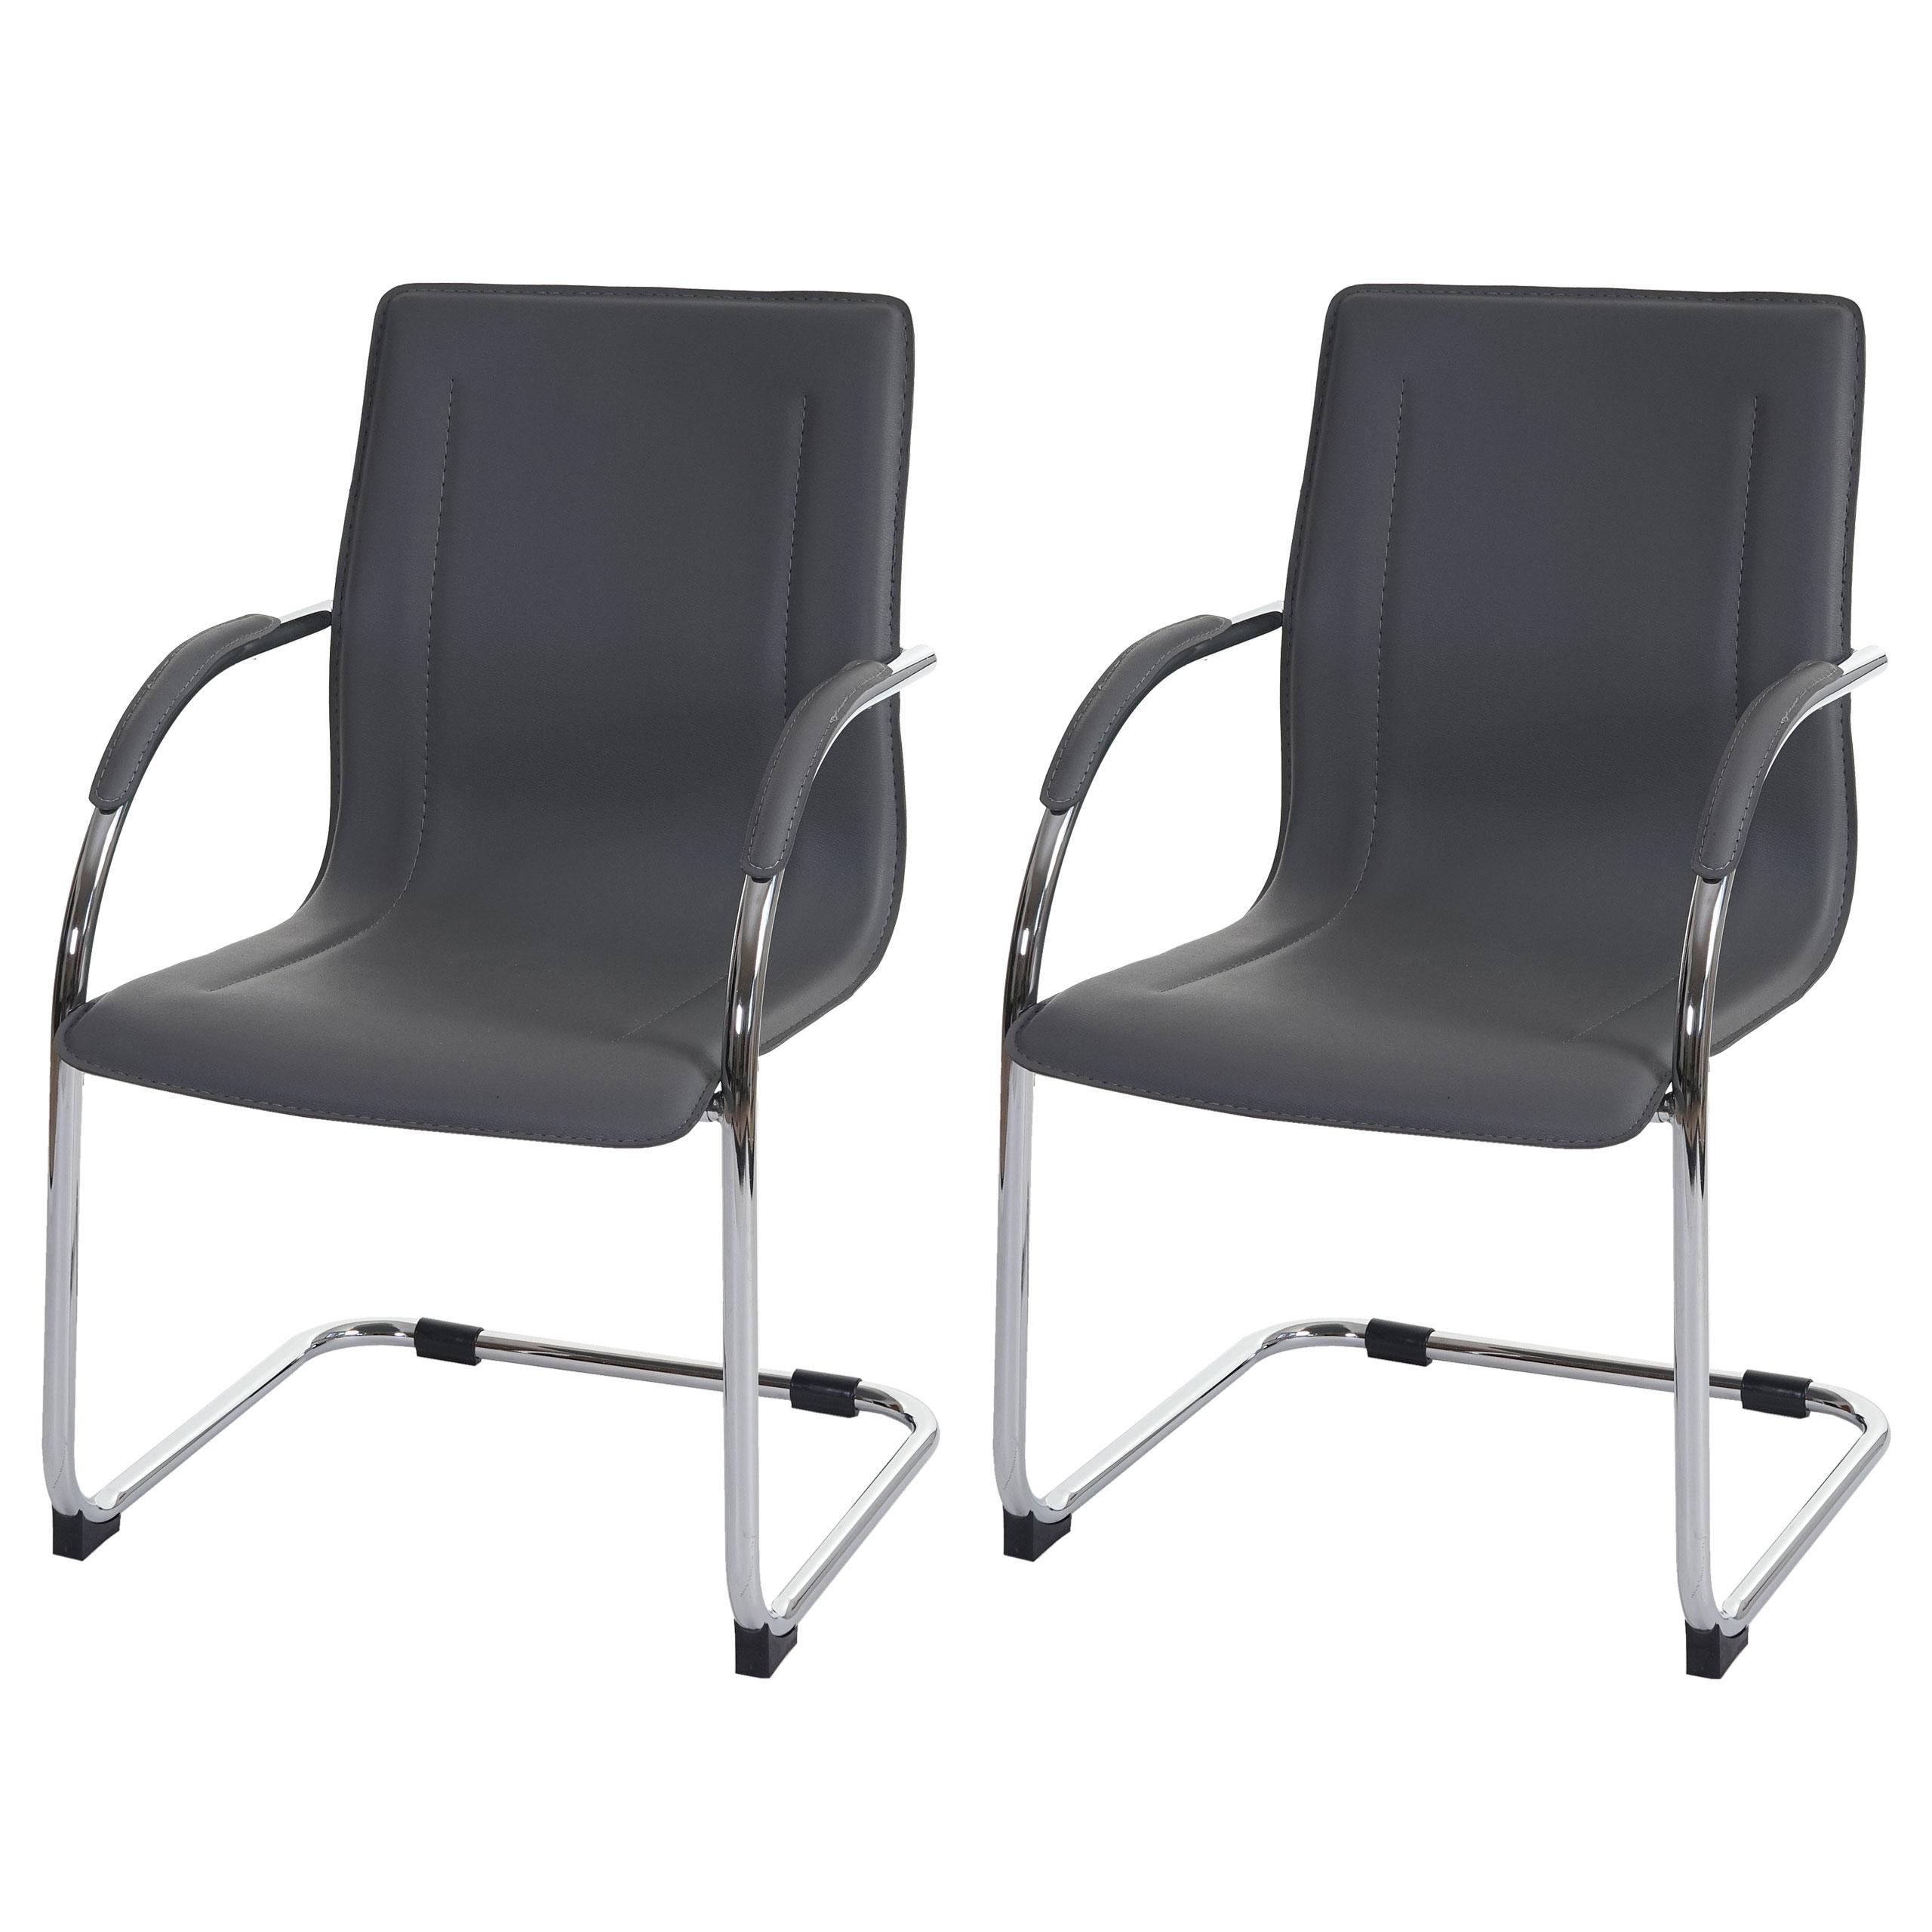 2x konferenzstuhl samara besucherstuhl freischwinger pvc. Black Bedroom Furniture Sets. Home Design Ideas